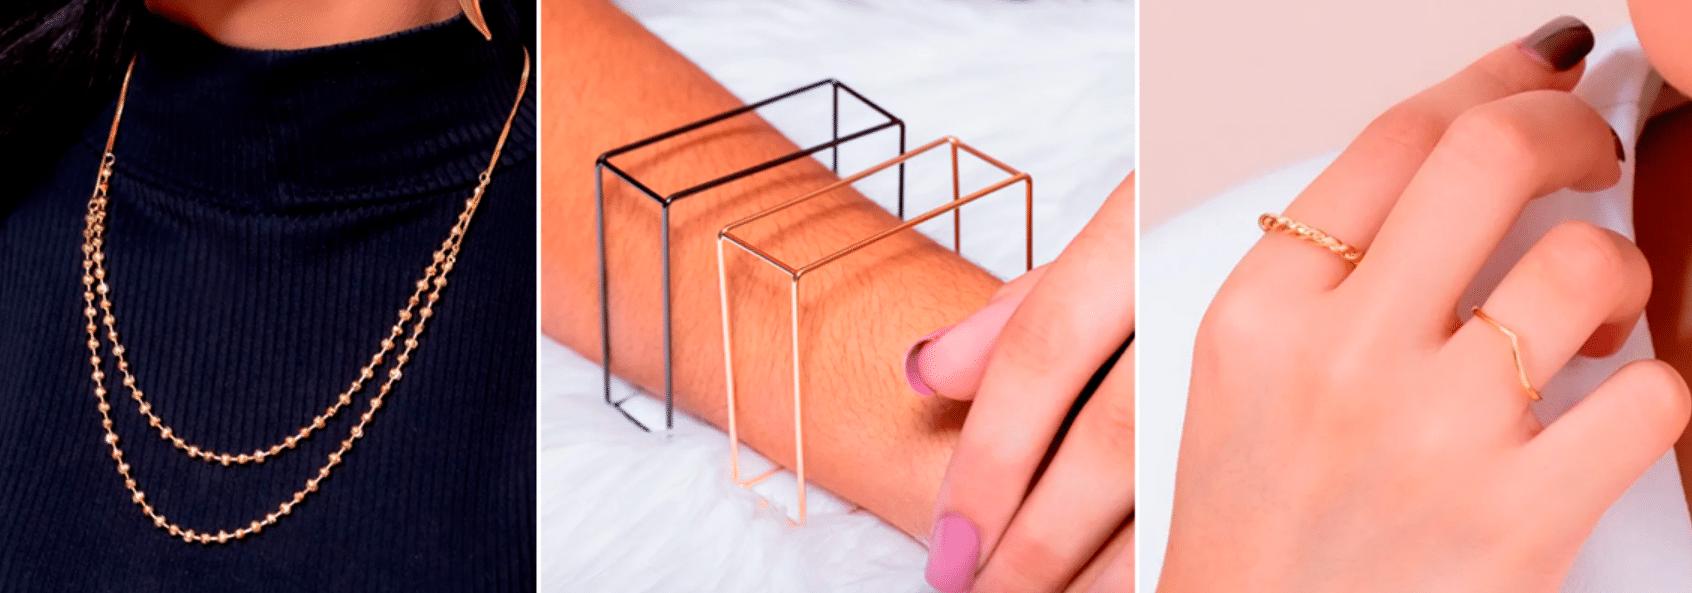 três fotos de joias minimalistas no pescoço, mãos e pulso